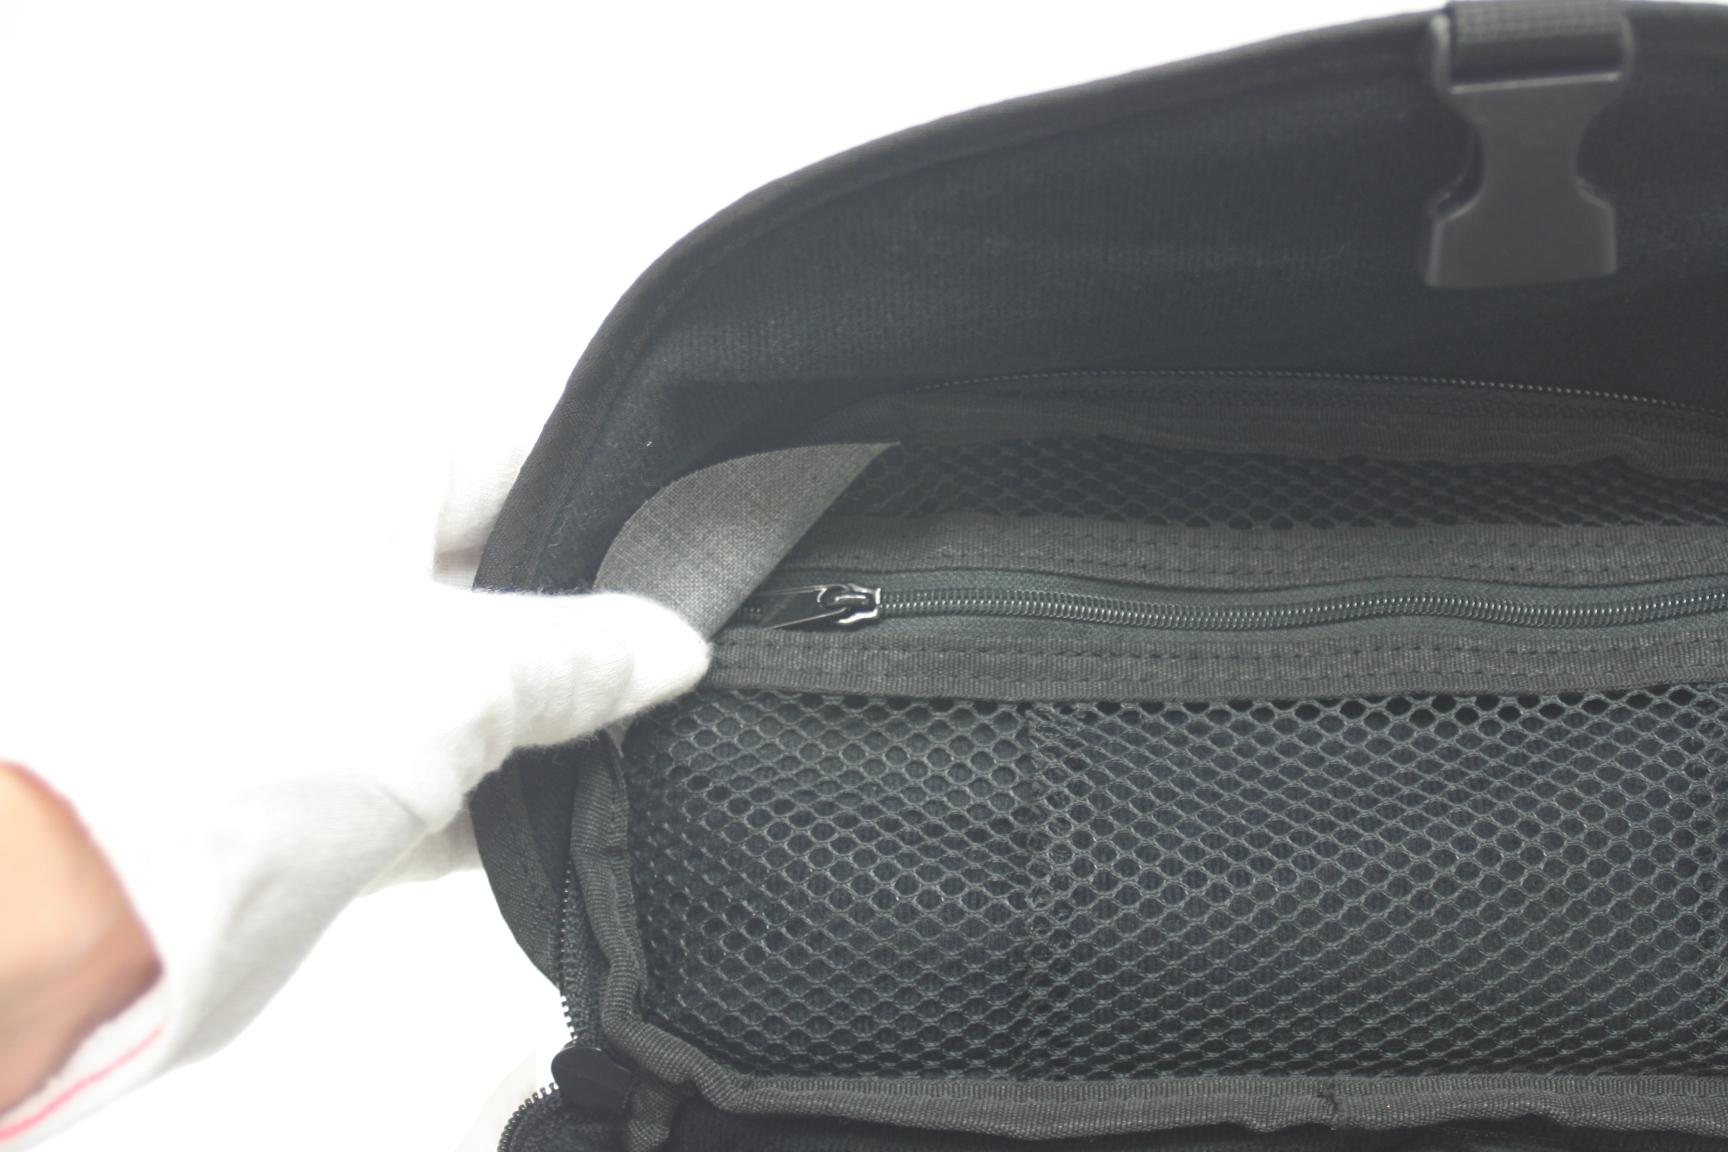 アバントEX ショルダーバッグ Mサイズ (AOC-AVX-SHM-BK)画像02